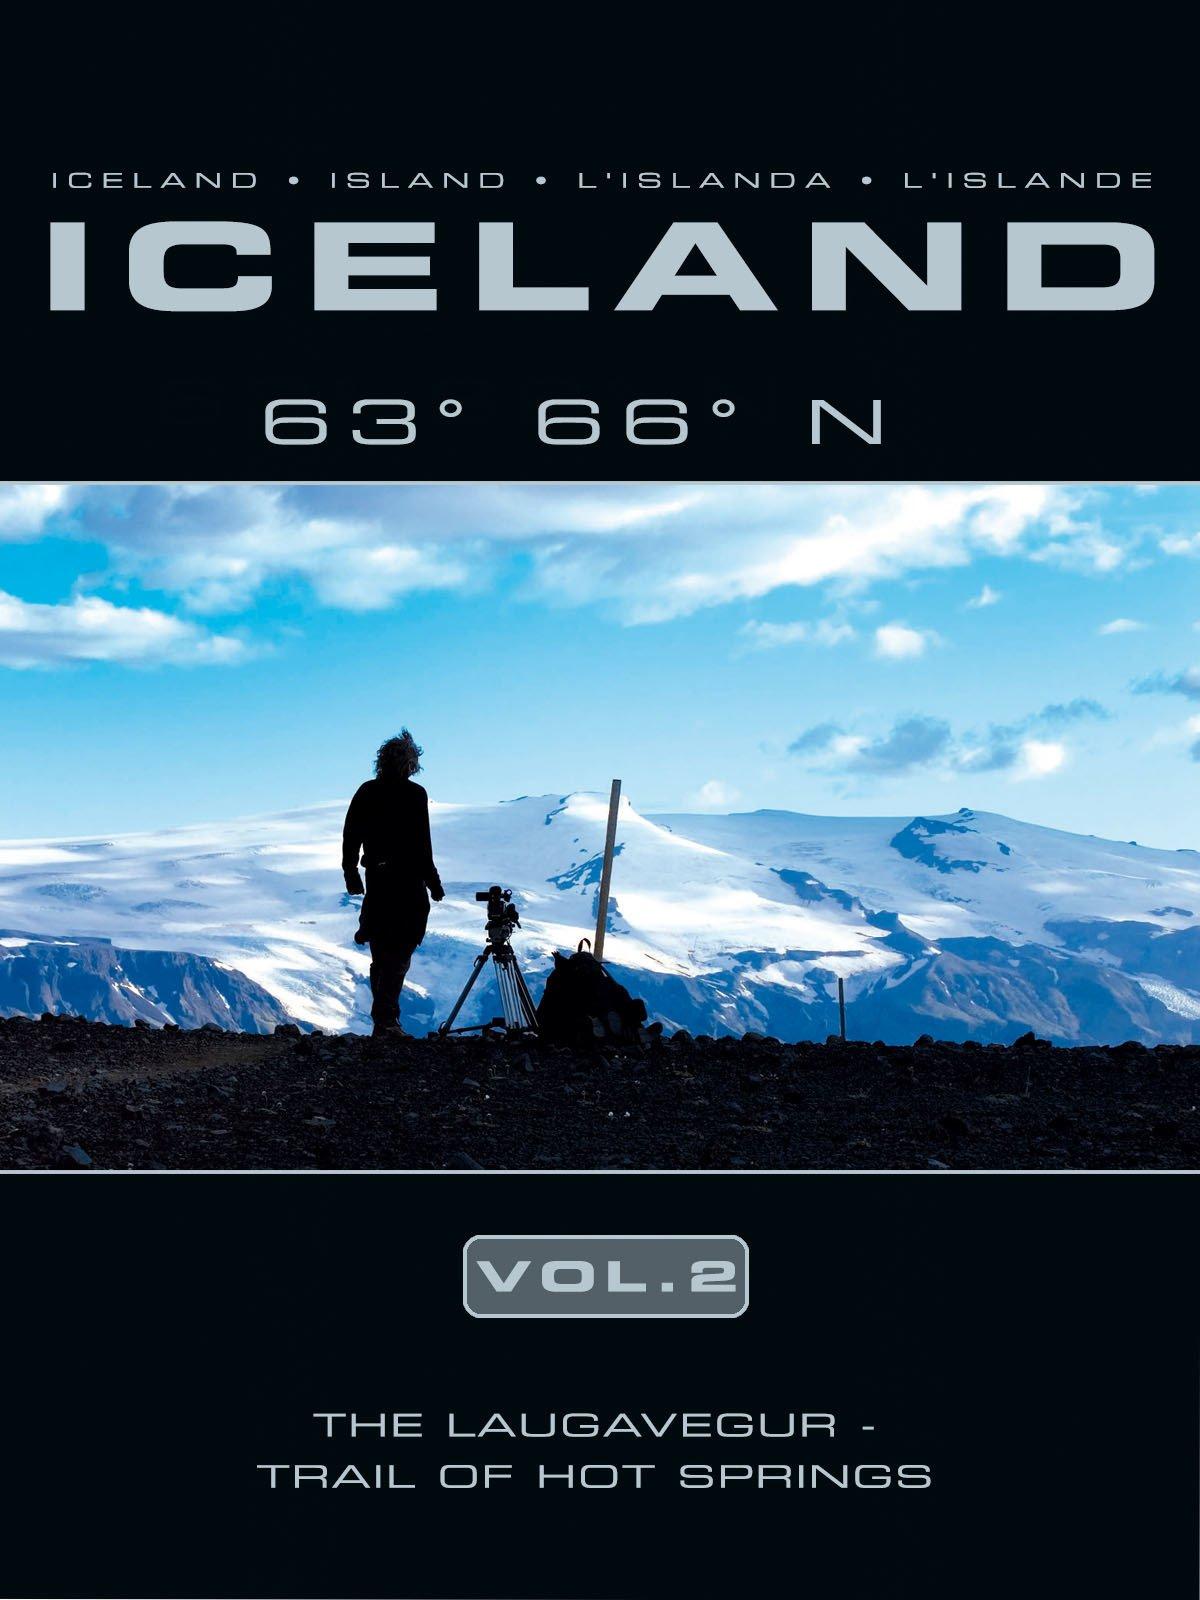 Iceland 63 66 N Vol. 2: The Laugavegur